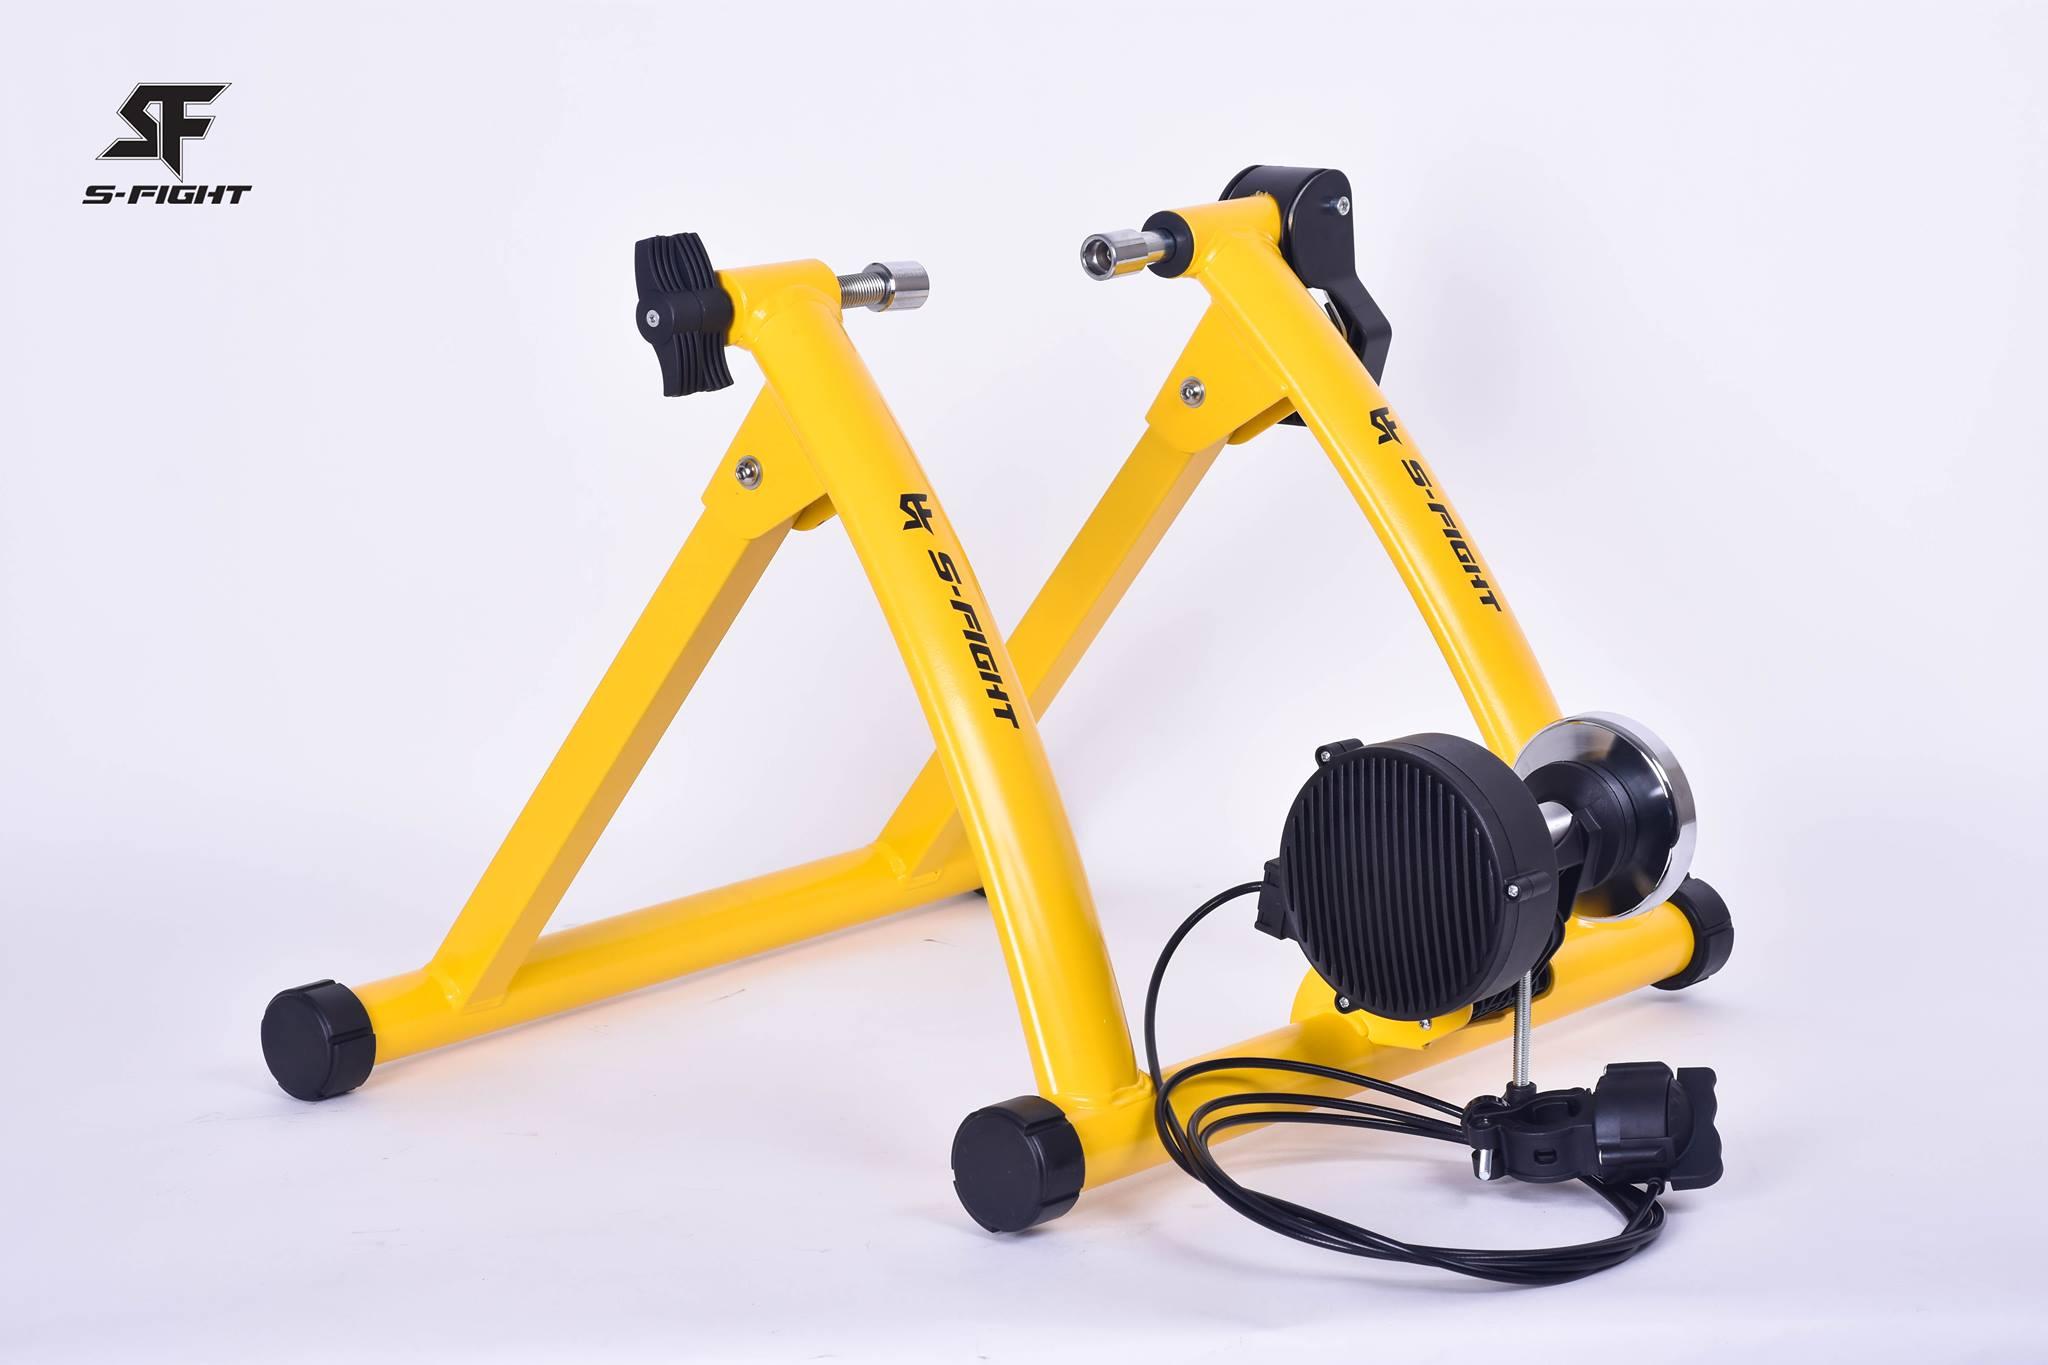 เทรนเนอร์จักรยาน S-Fight 2018 สีเหลือง พร้อมรีโมทปรับระดับความหนืดได้ ถาดรองล้อและแกนปลดเร็ว